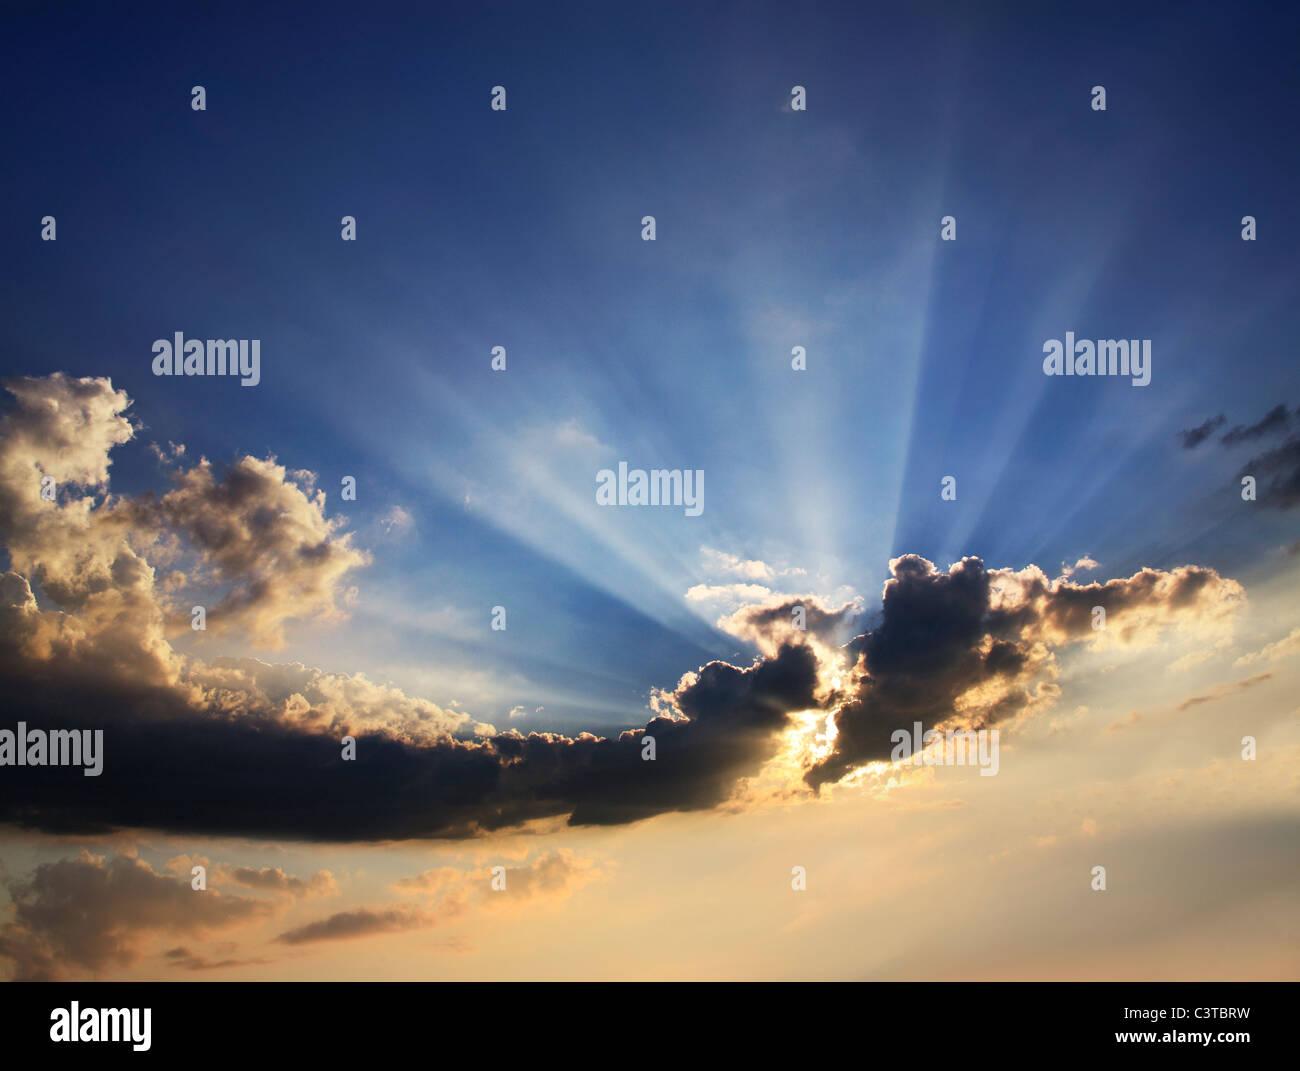 Wolken und Sunburst am späten Nachmittag, Sonnenuntergang Wolkengebilde, Ohio, USA Stockbild